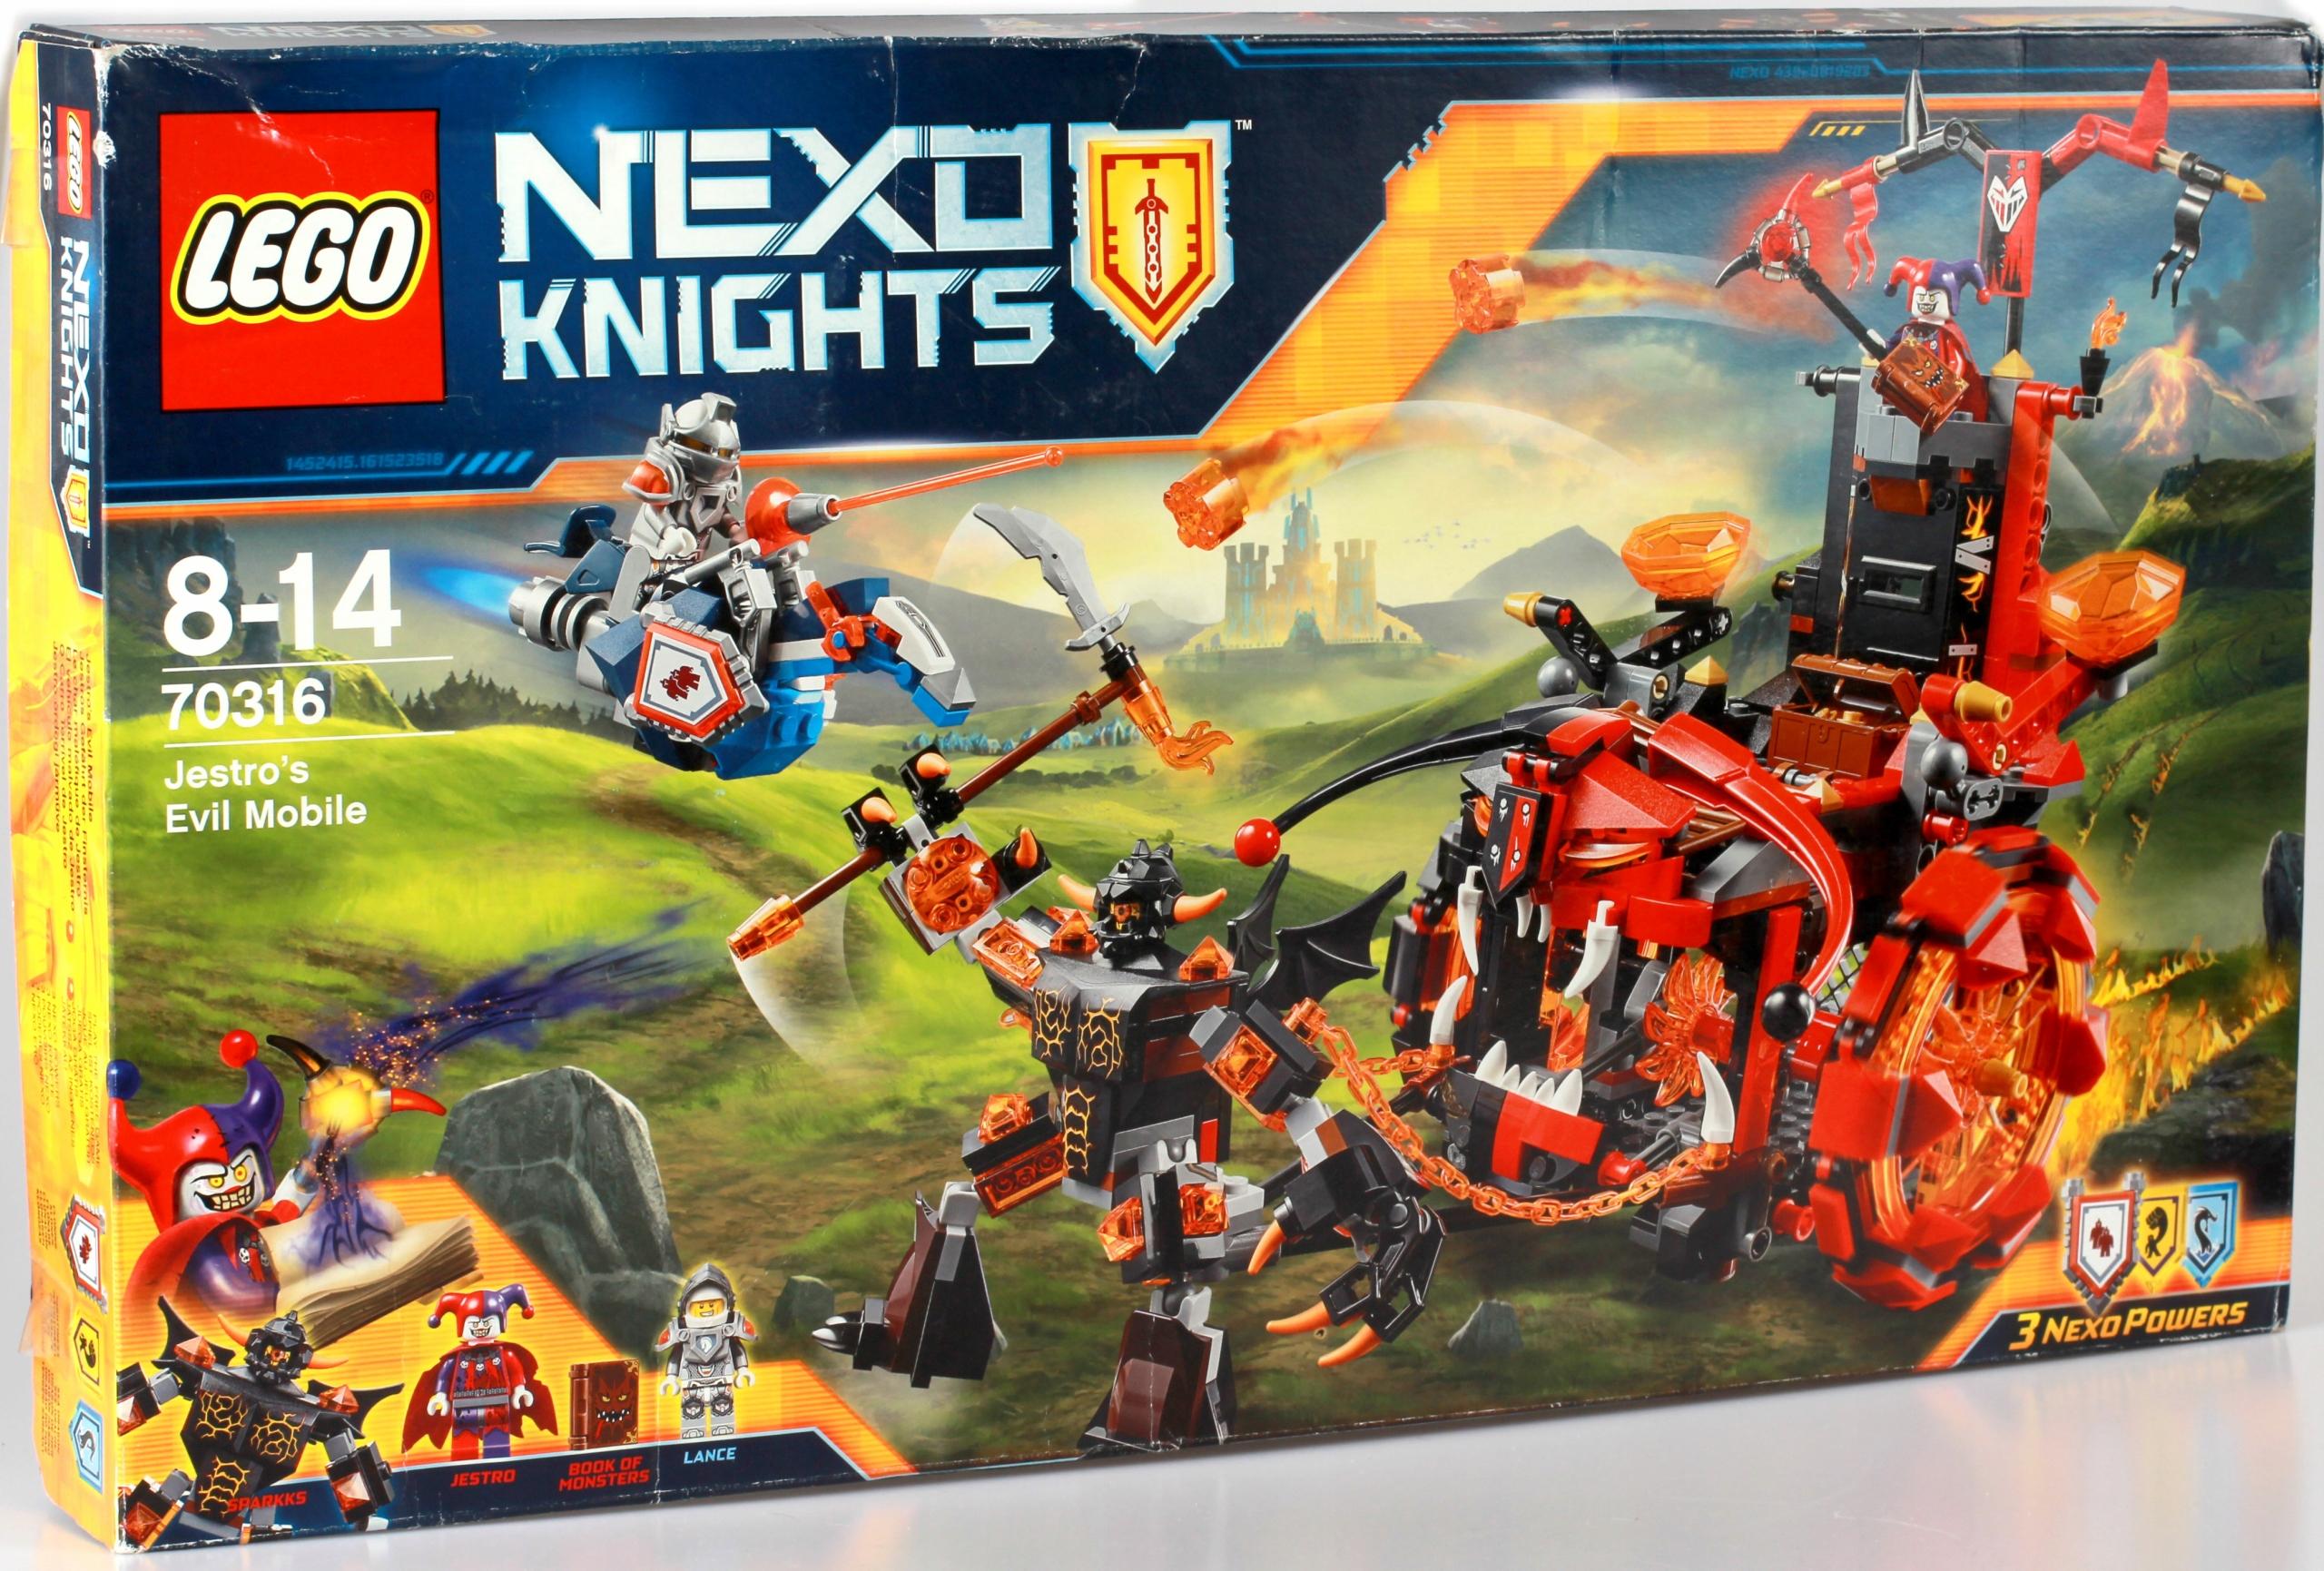 Lego 70316 Nexo Knights Pojazd Zła Jestro Promocja 7668750971